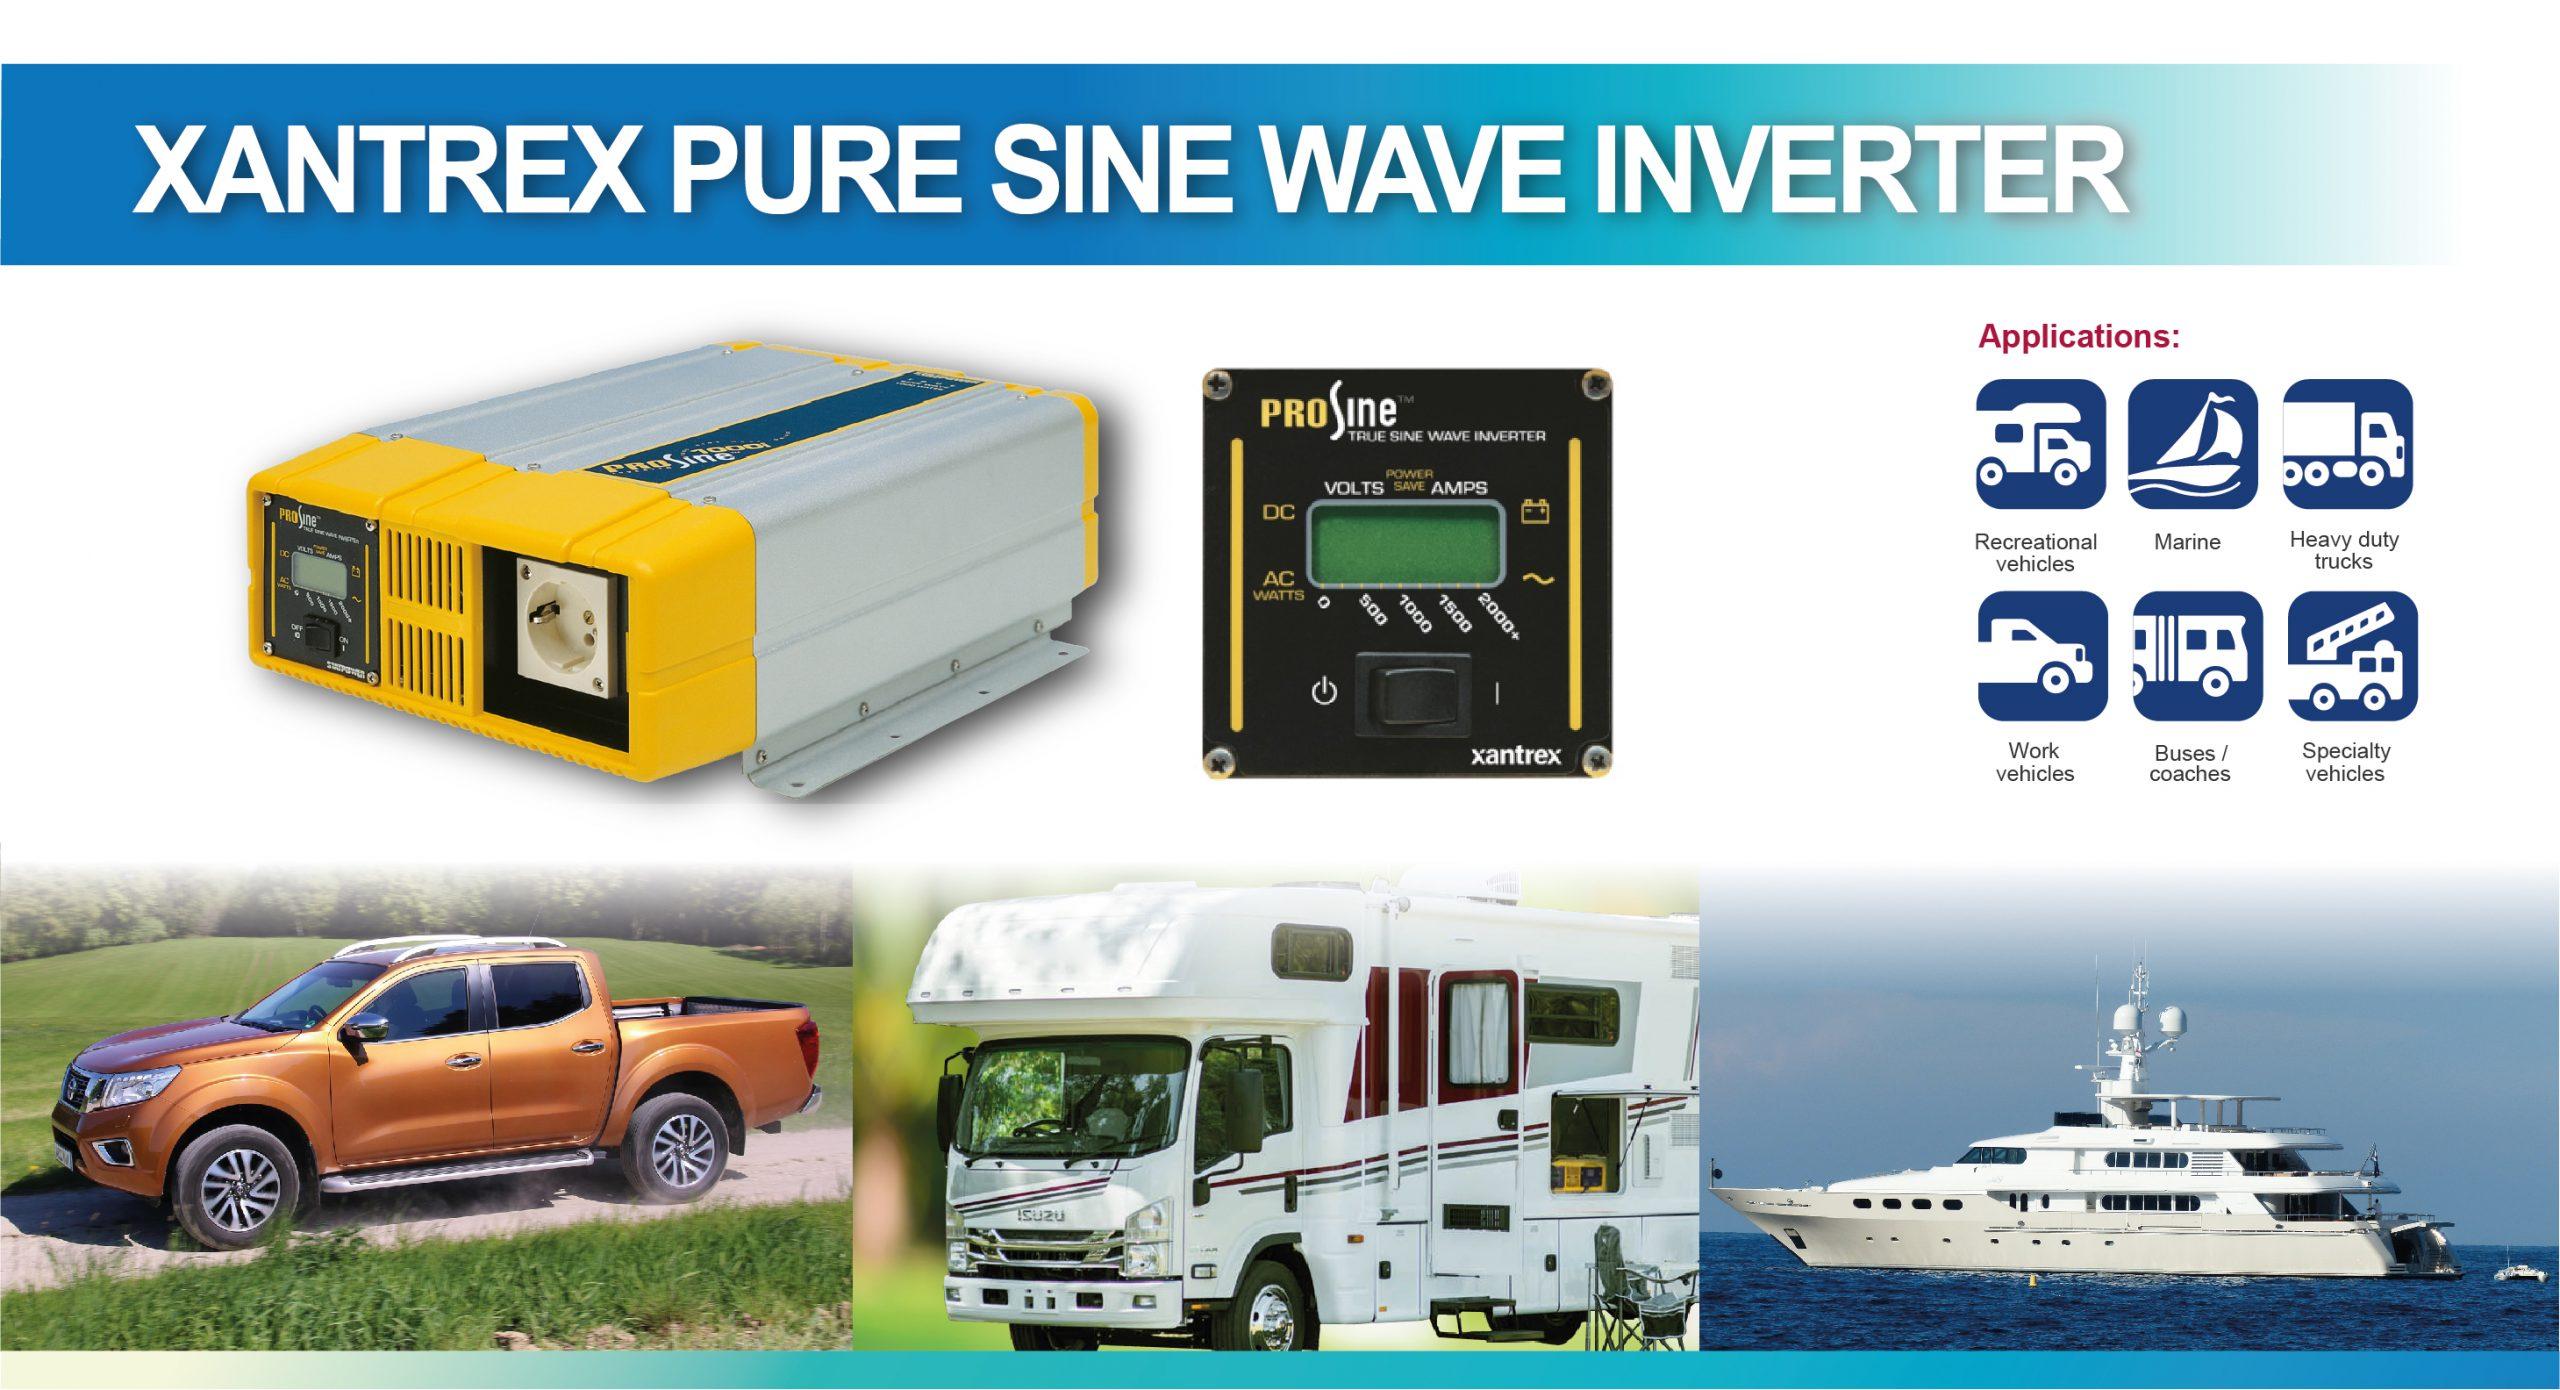 Xantrex Pure Sine Wave Inverter